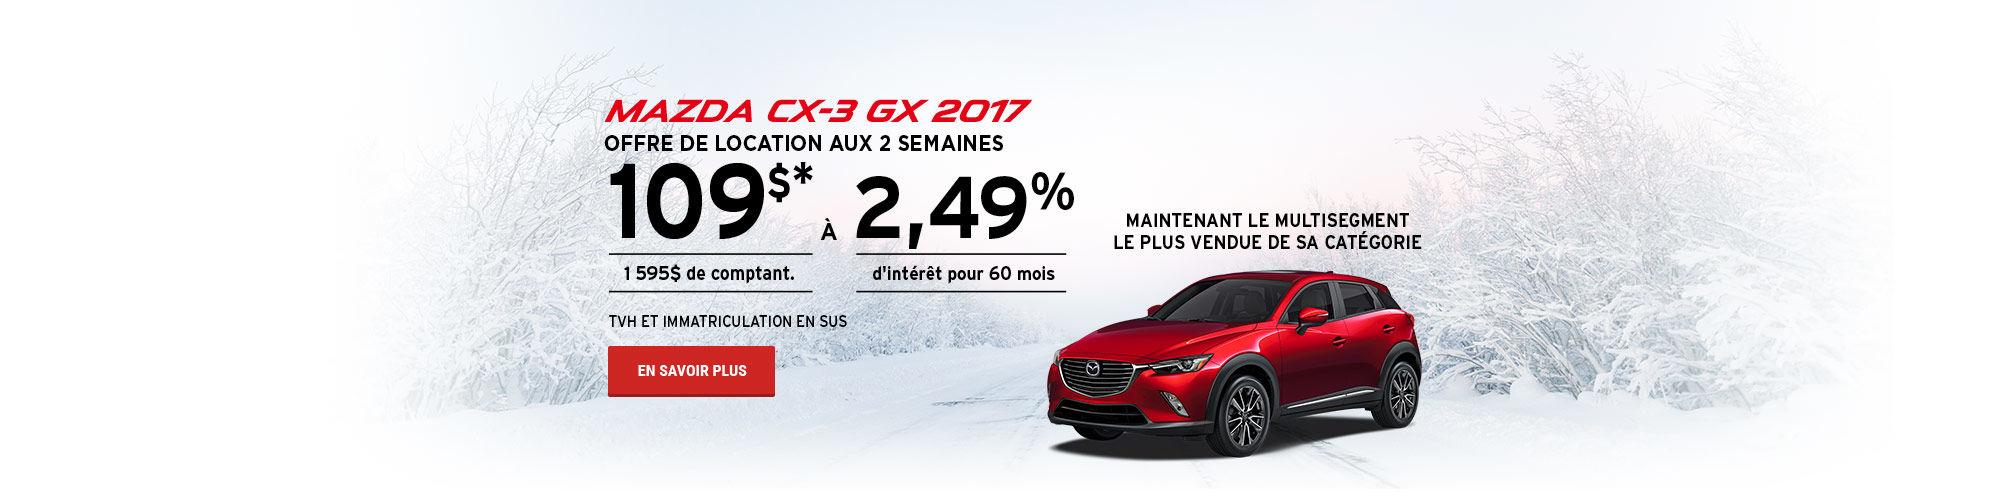 Prenez le contrôle - Mazda CX3